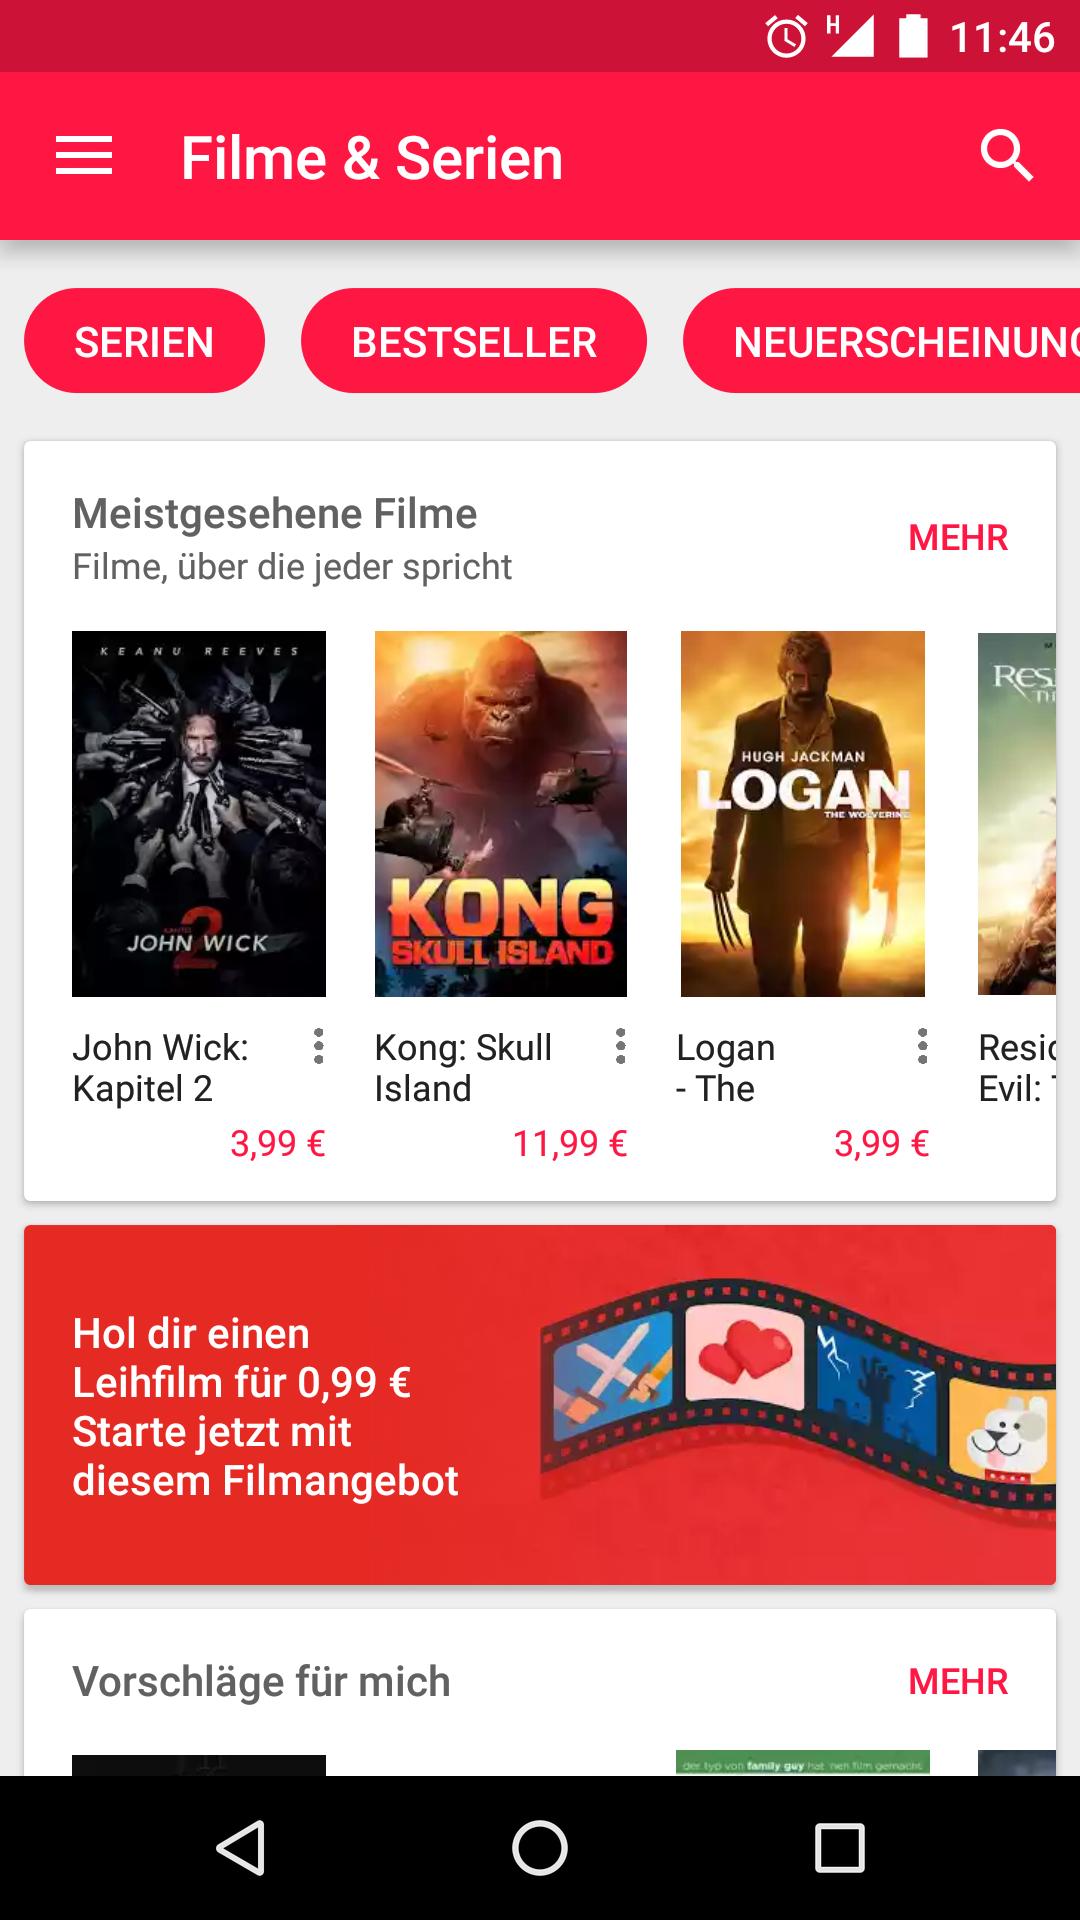 Leihfilm für 0,99 € in Google Play Filme & Serien